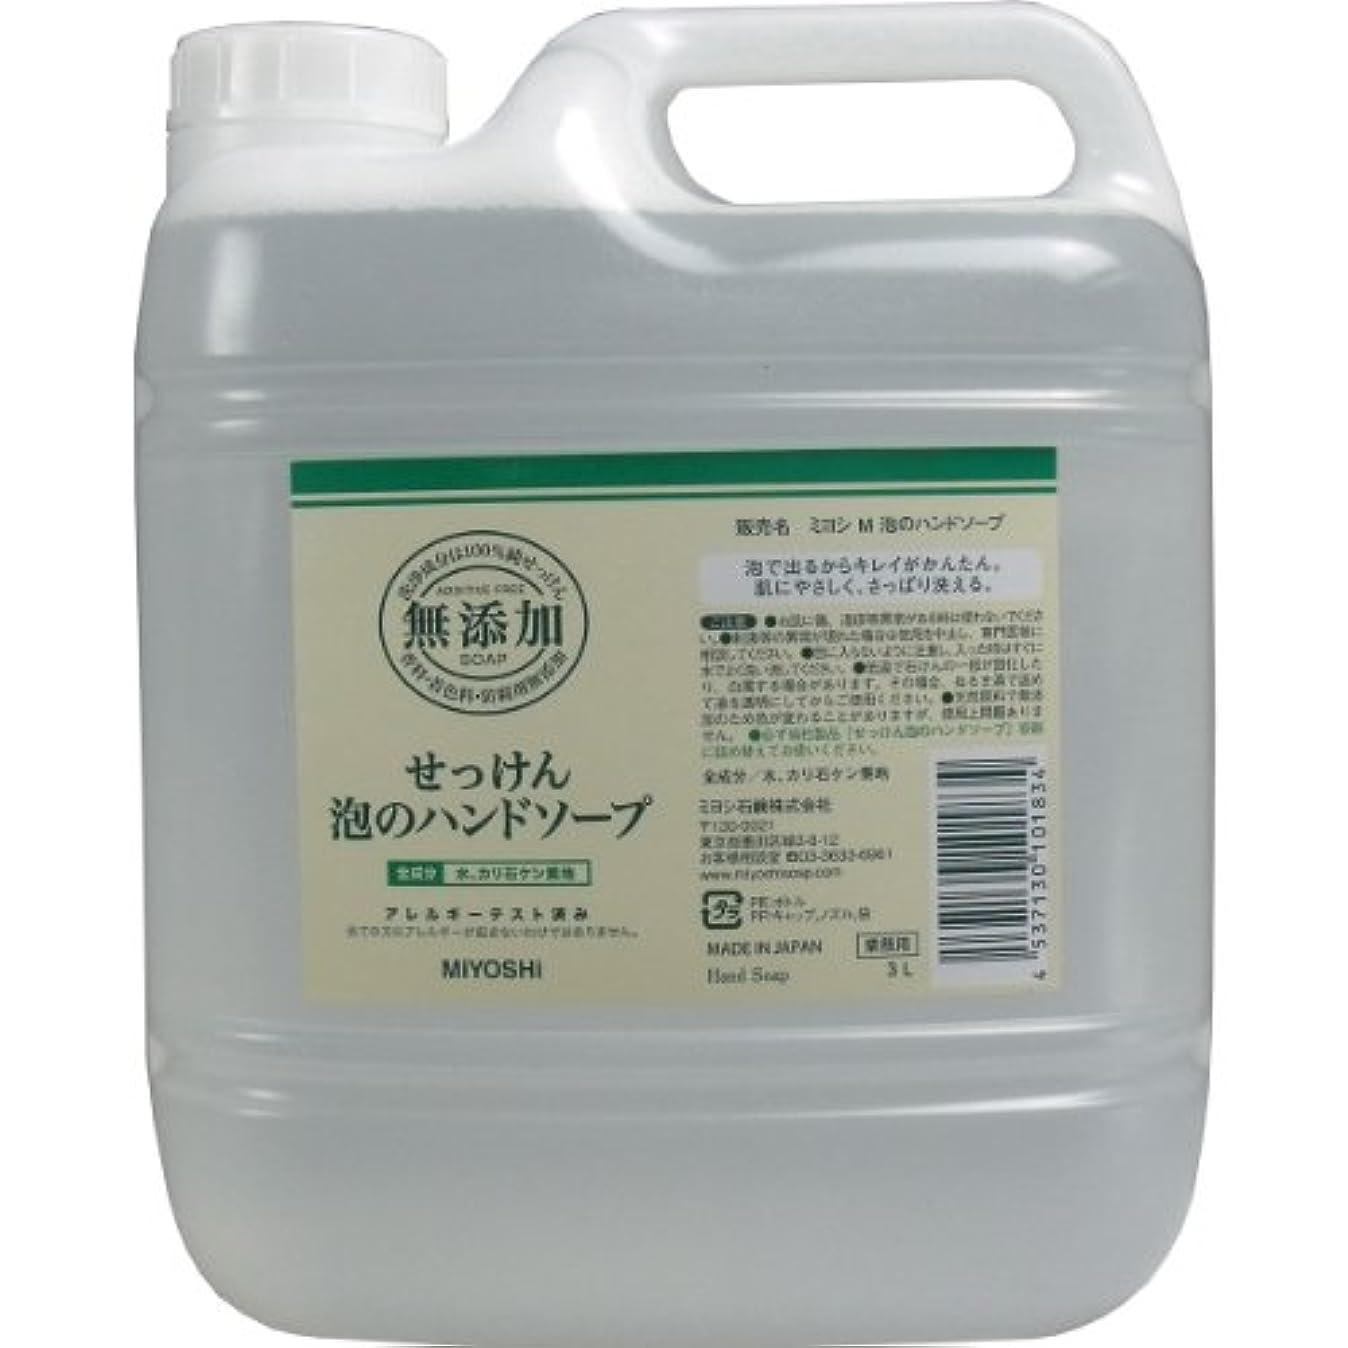 期間渇き【セット品】無添加せっけん泡のハンドソープ 3000ml ×3個